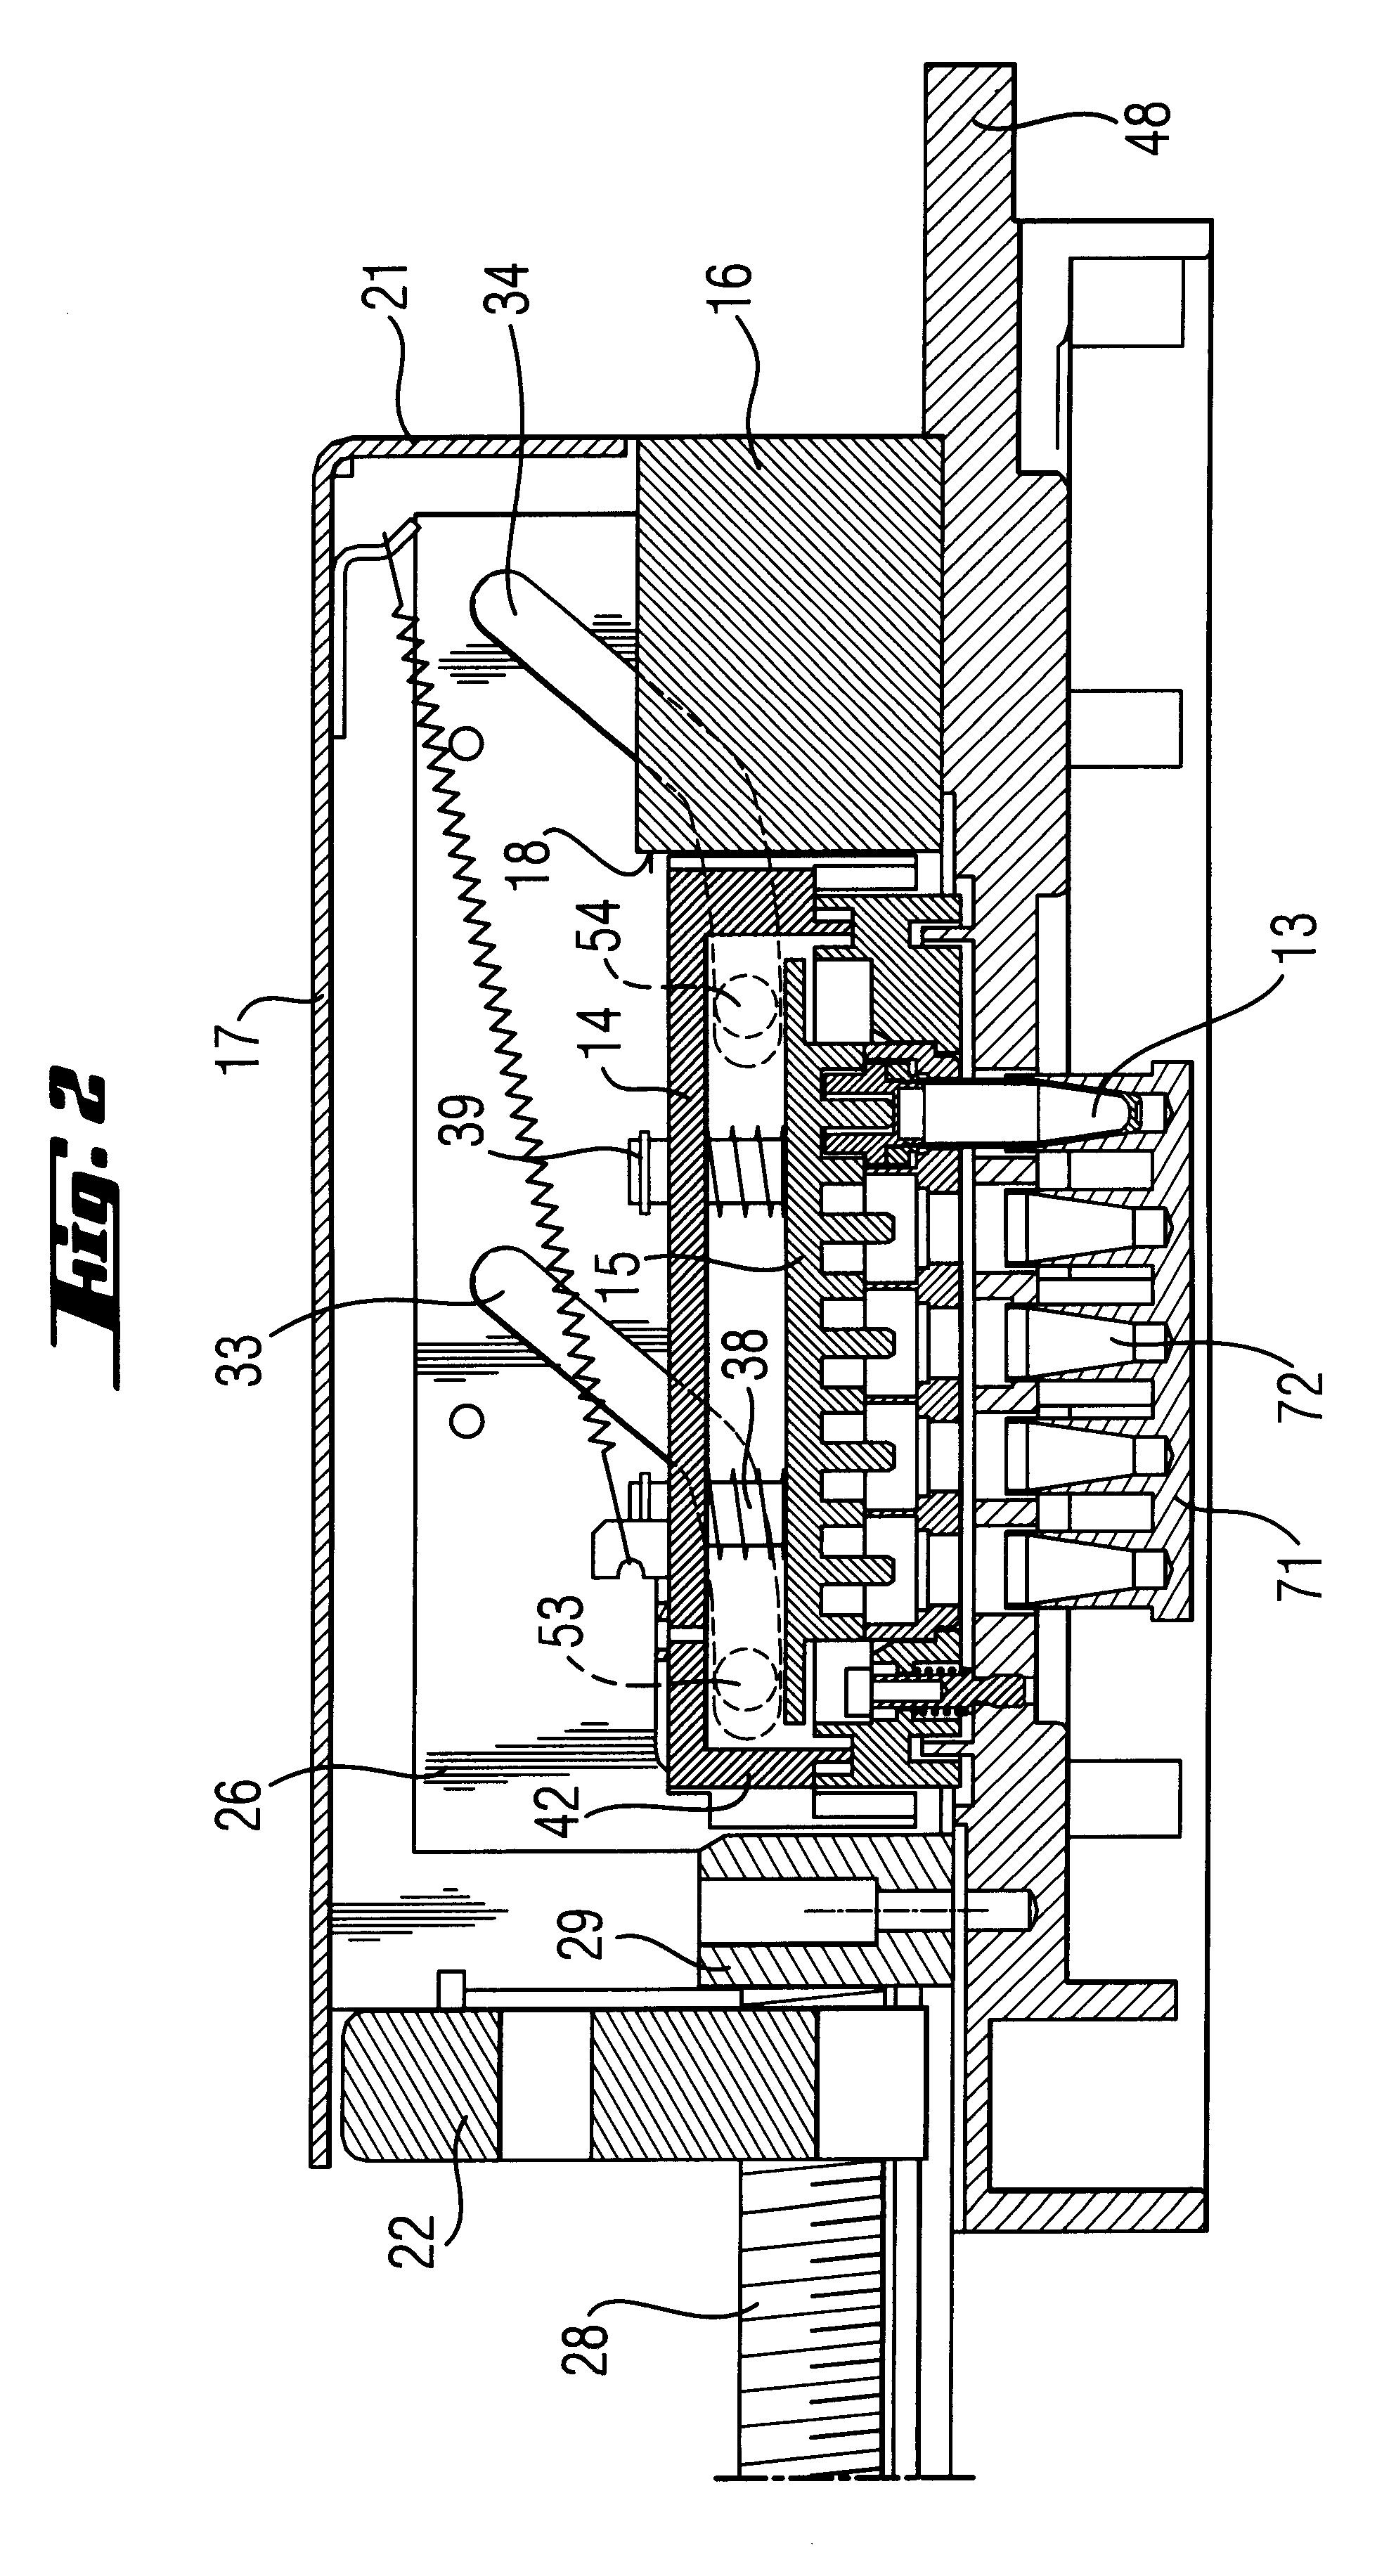 براءة الاختراع US6197572 - Thermal cycler having an